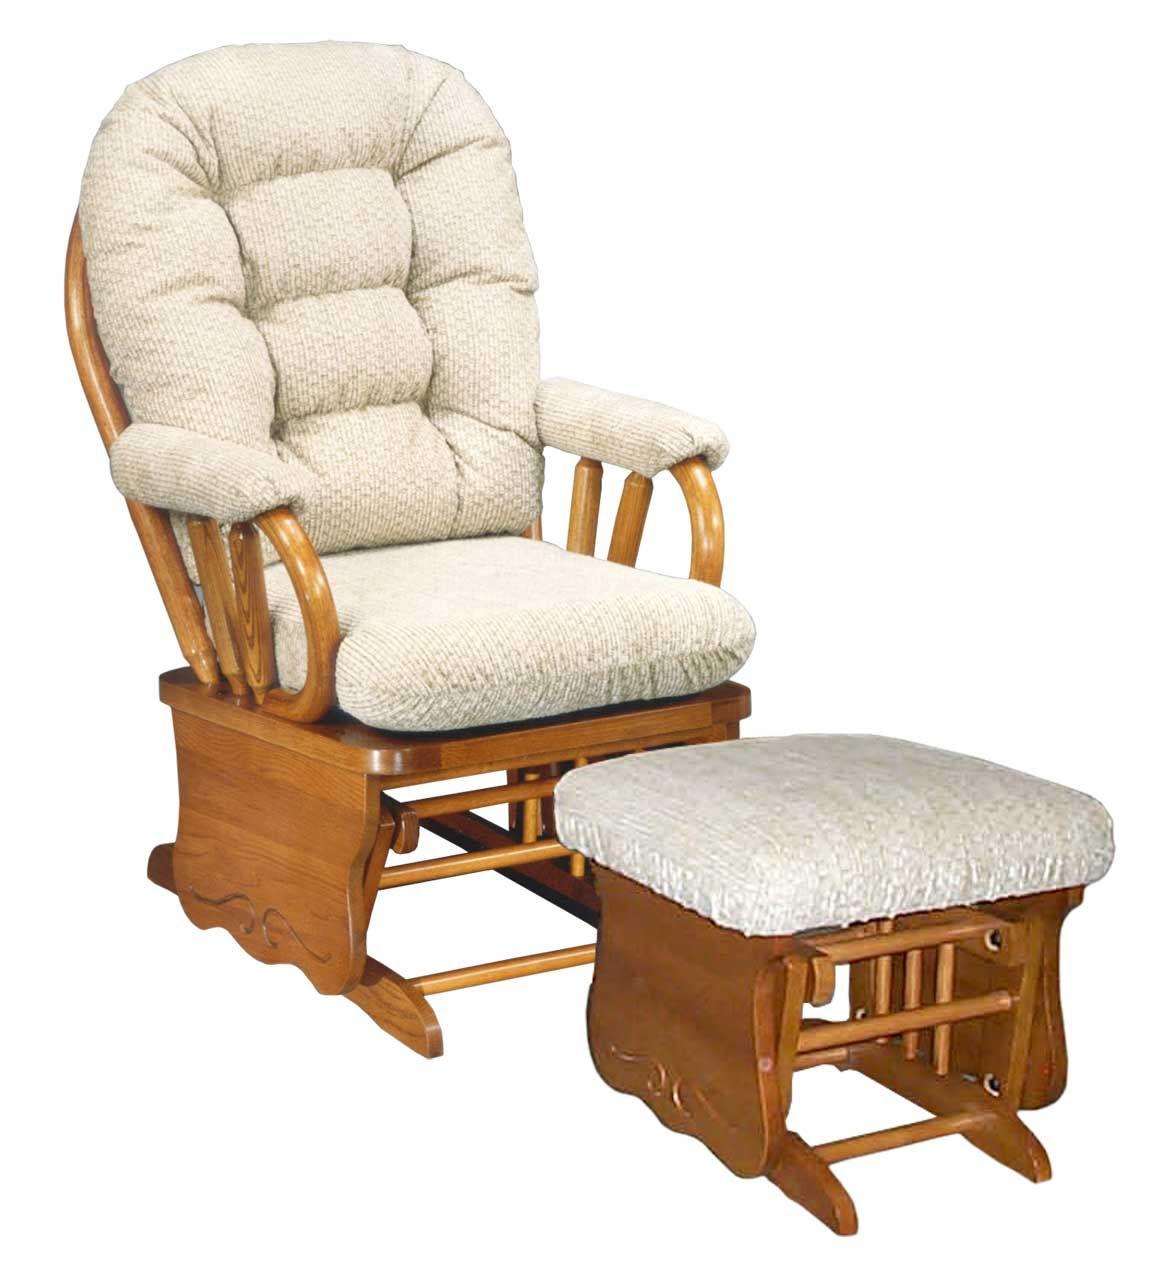 glider rocking chair plan | buy 1st | pinterest | gliders, rocking